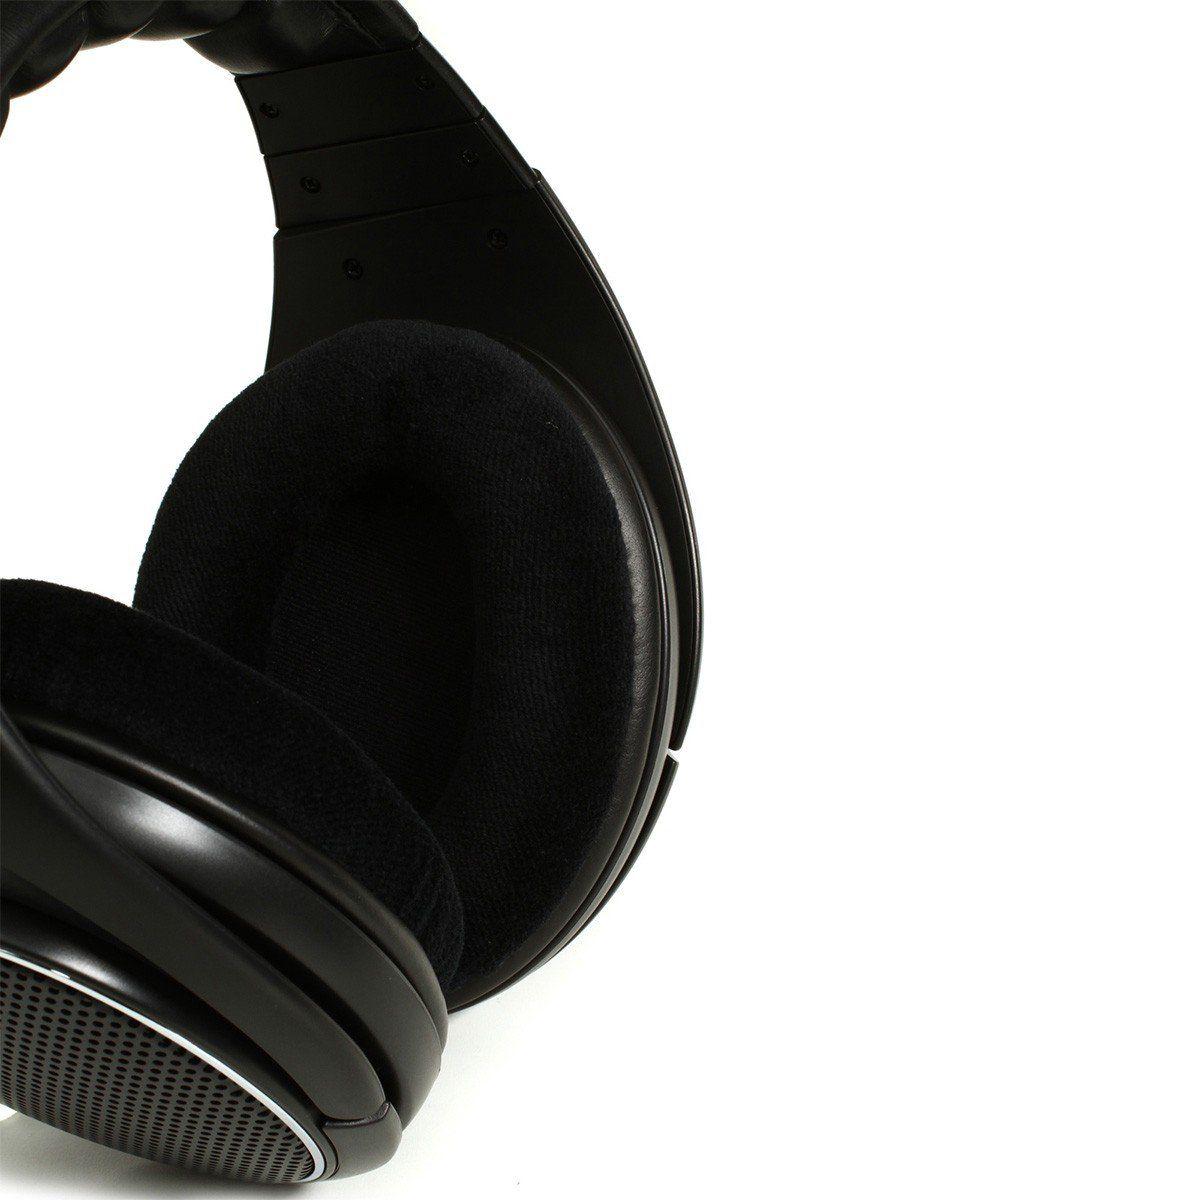 Shure SRH1440 Fone de Ouvido SRH-1440 Aberto Profissional para Monitoramento